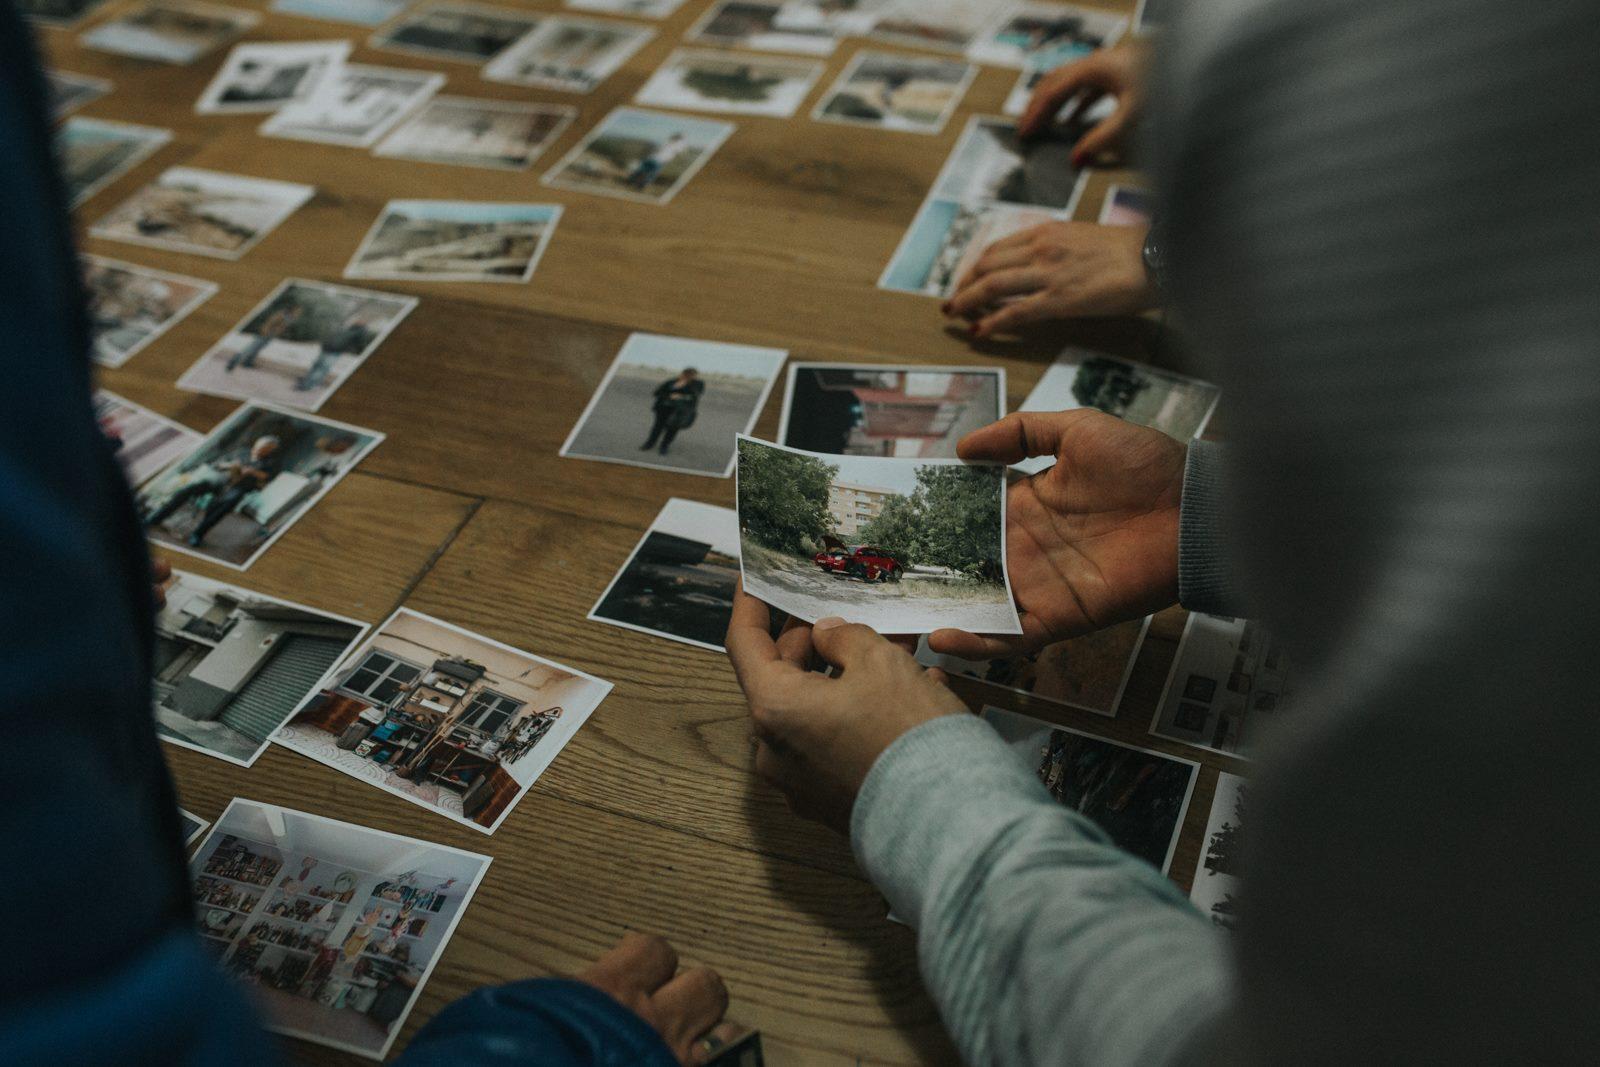 taller laboratorio proyectos fotografía alicante mistos